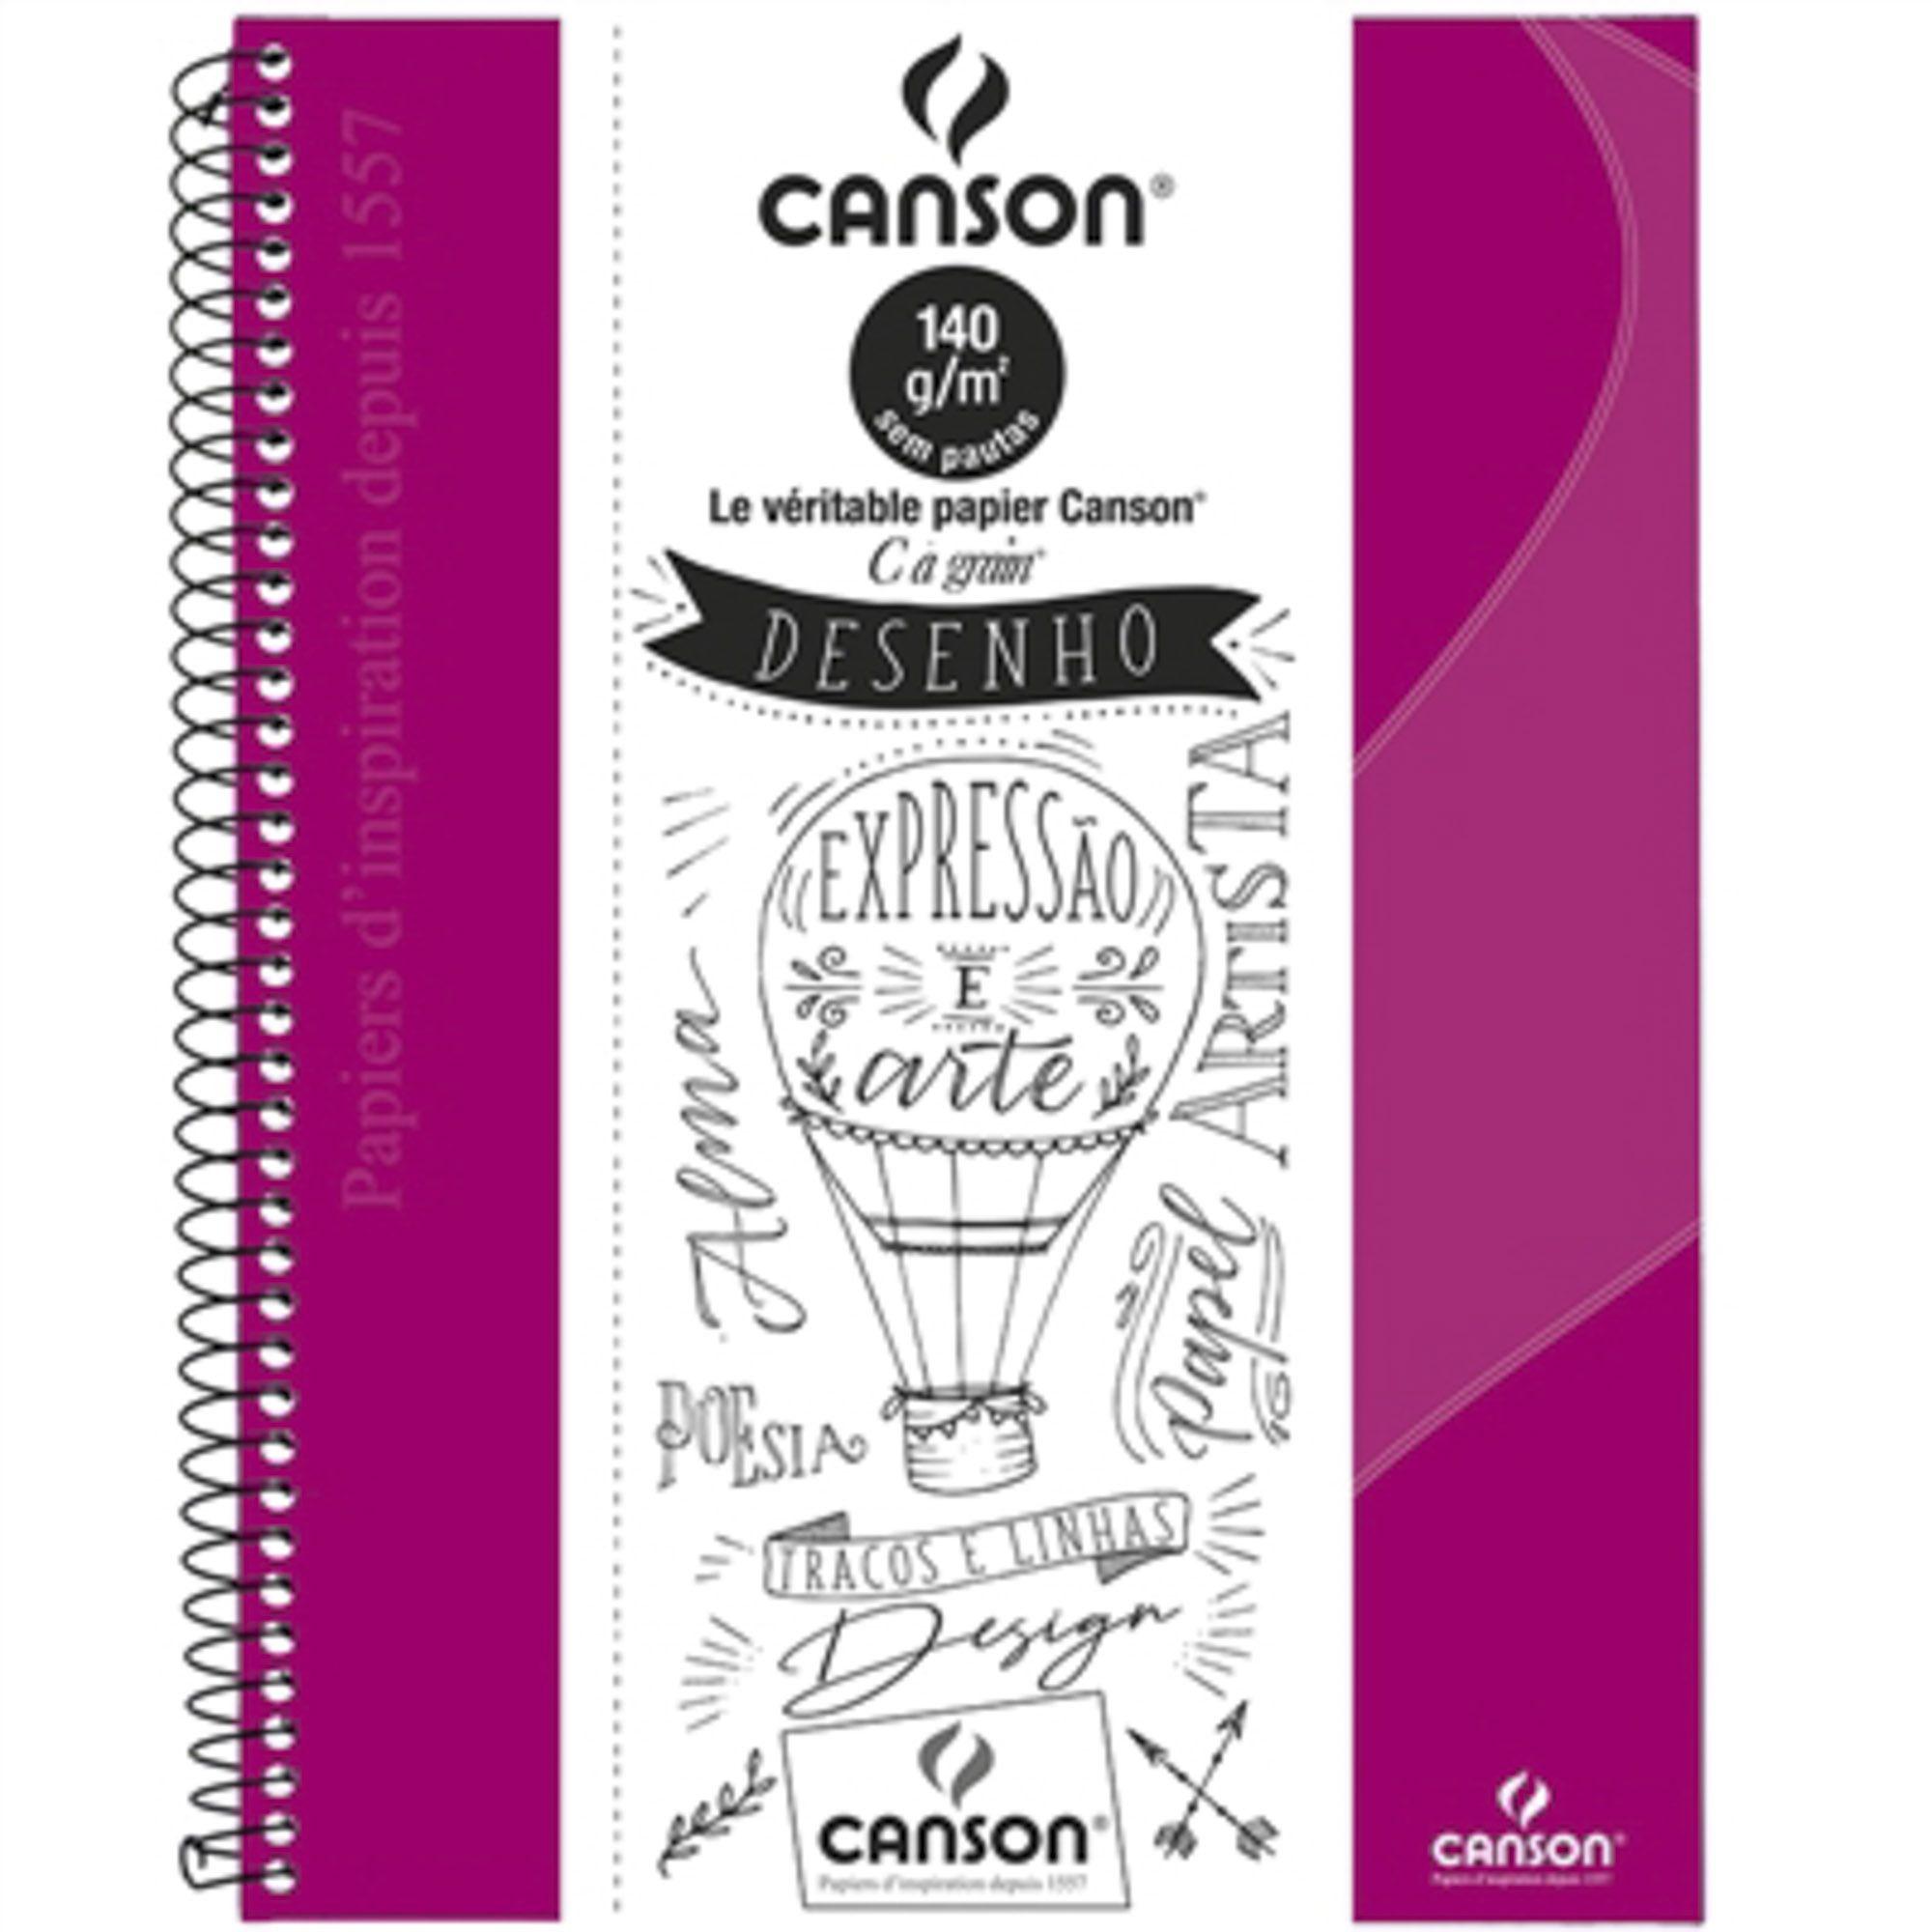 Caderno Desenho Canson Expressão e Arte Espiral Capa Dura 140 g A4 40 Fls